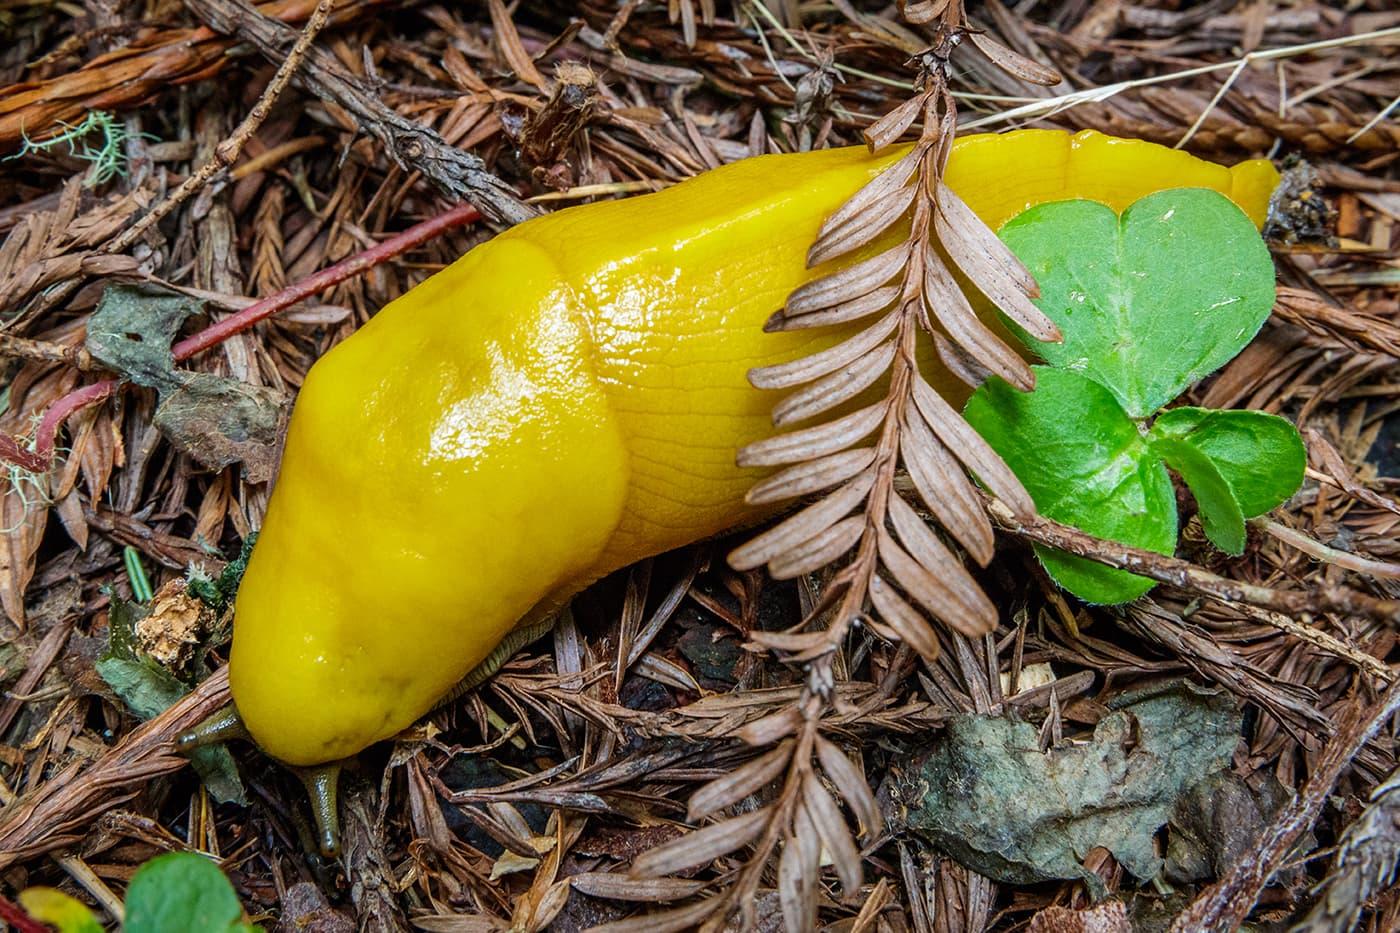 Yellow Banana Slug